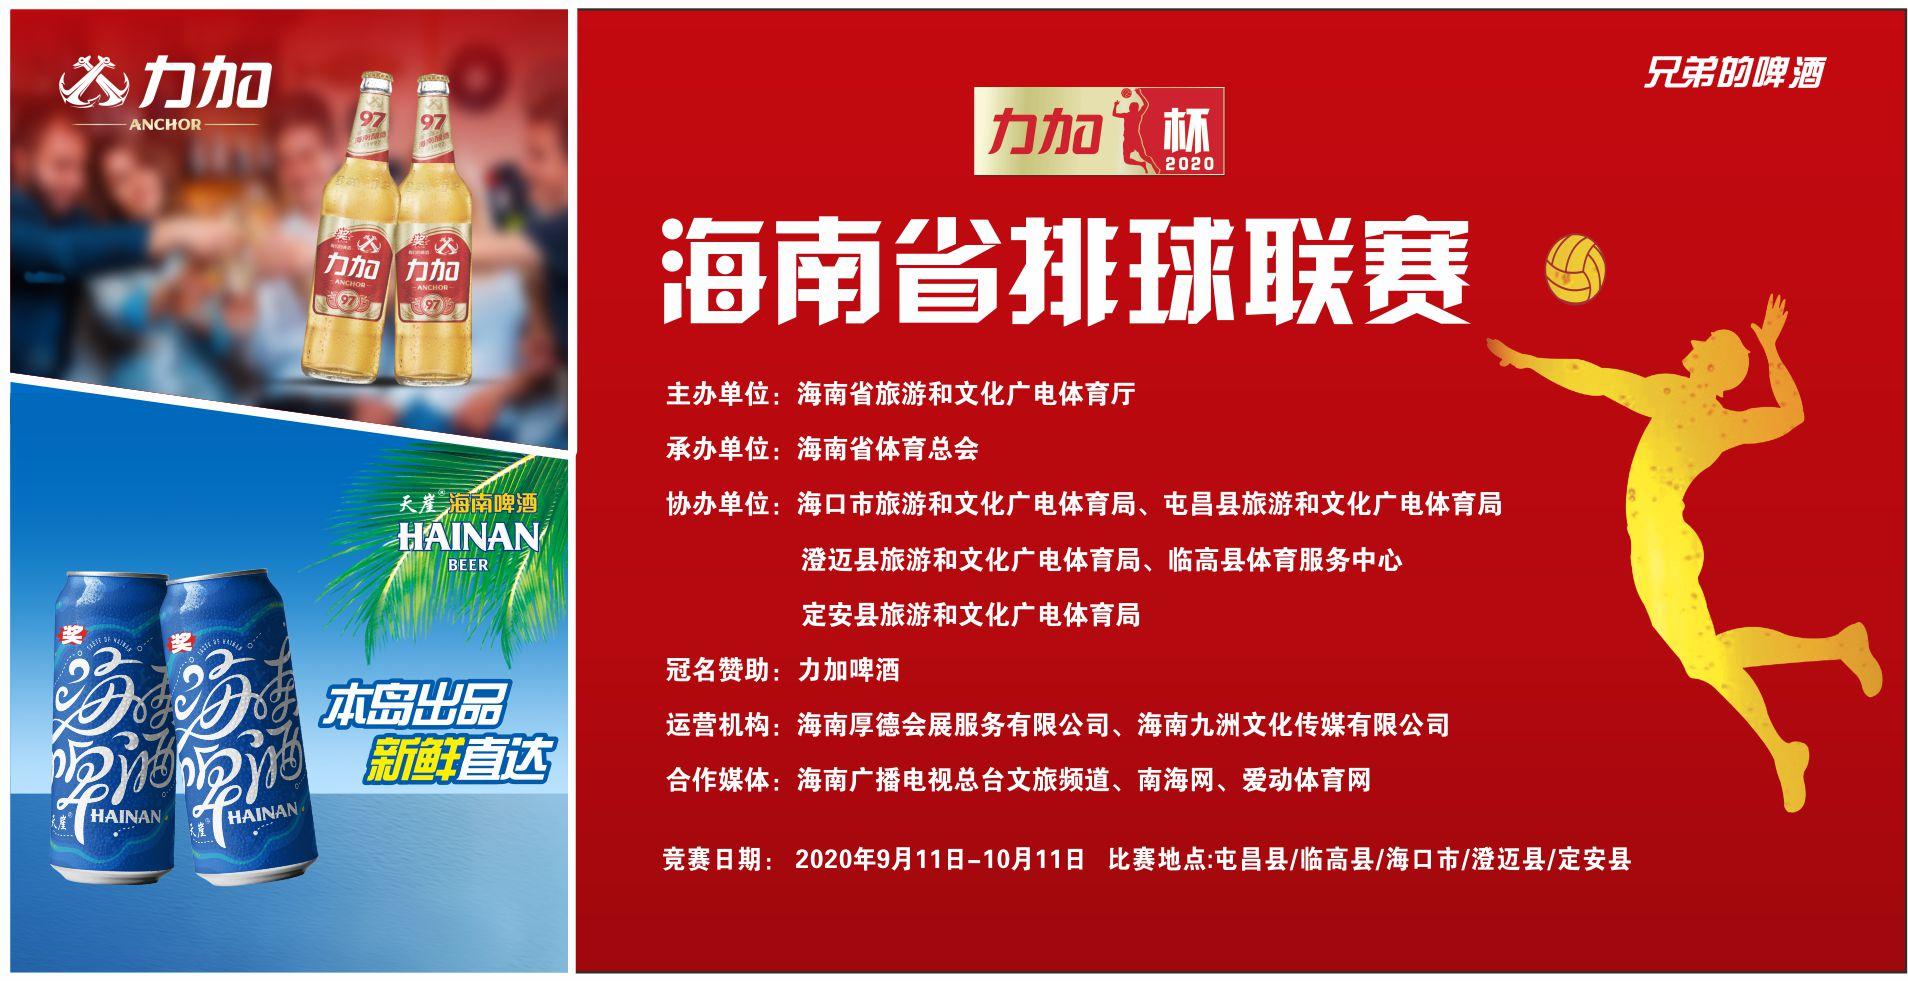 """【回放】2020""""力加杯""""海南省排球联赛 9月20日晚上 B组"""